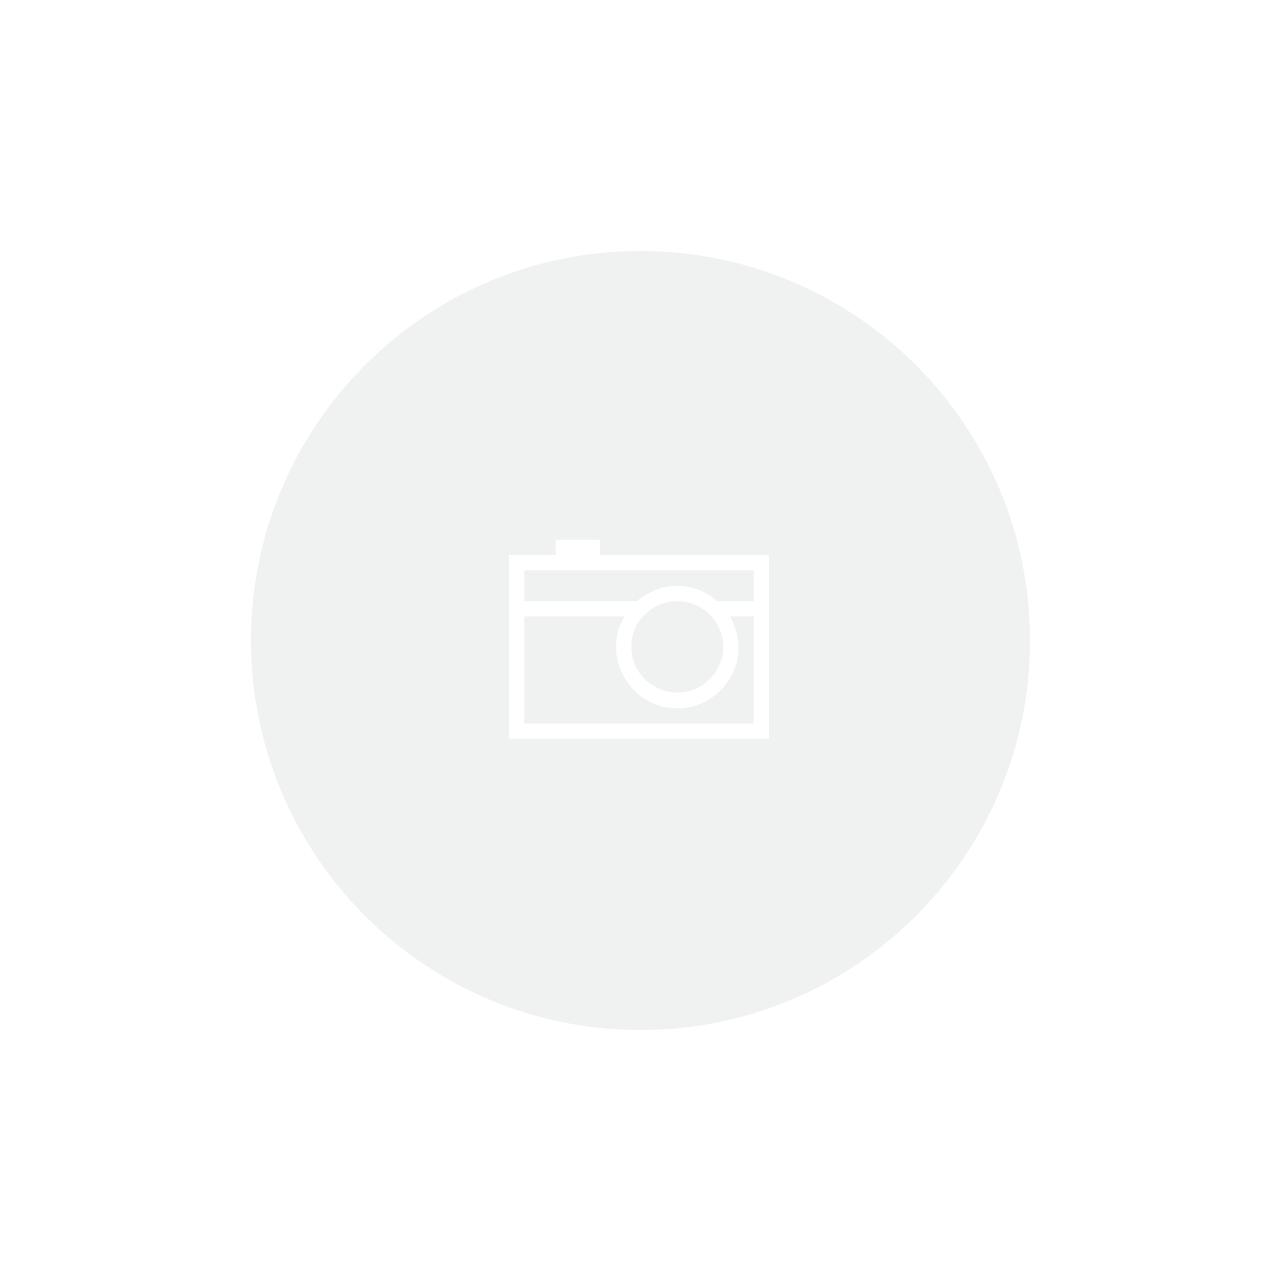 Faqueiro 24 Peças Branco com Suporte Oasis Tramontina.